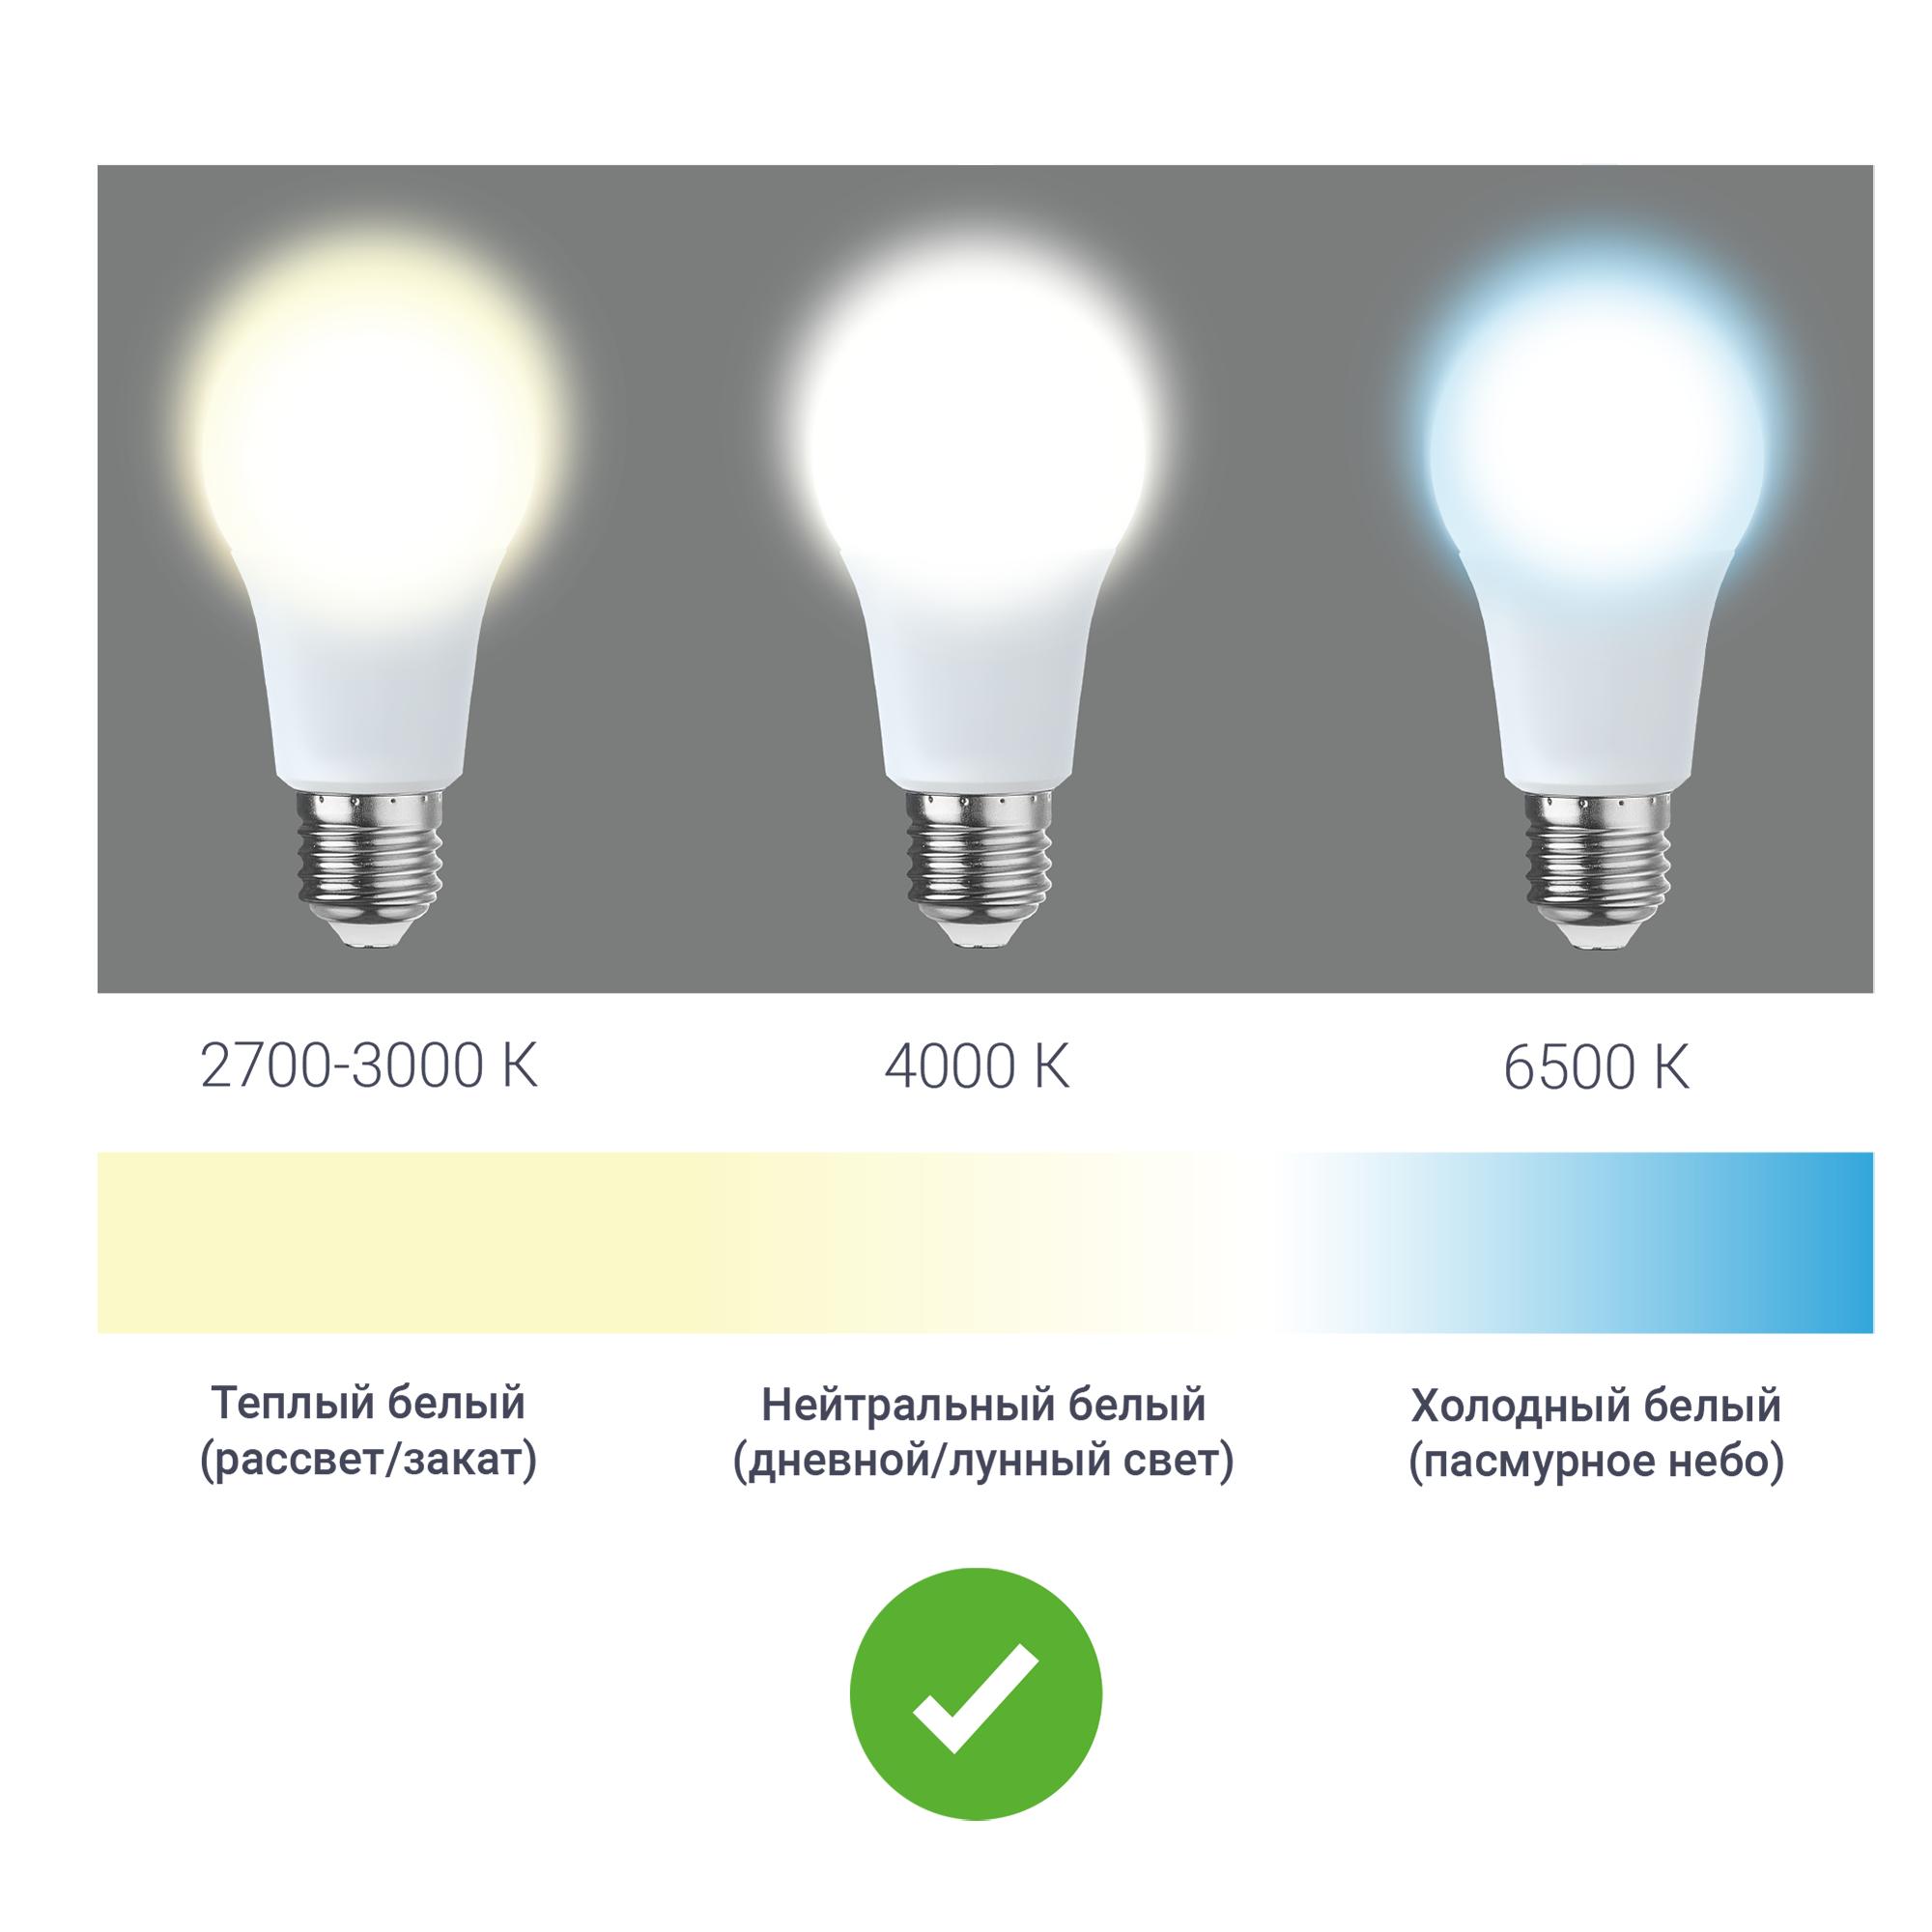 Лампа светодиодная Gauss LED Filament E14 11 Вт свеча прозрачная 750 лм нейтральный белый свет